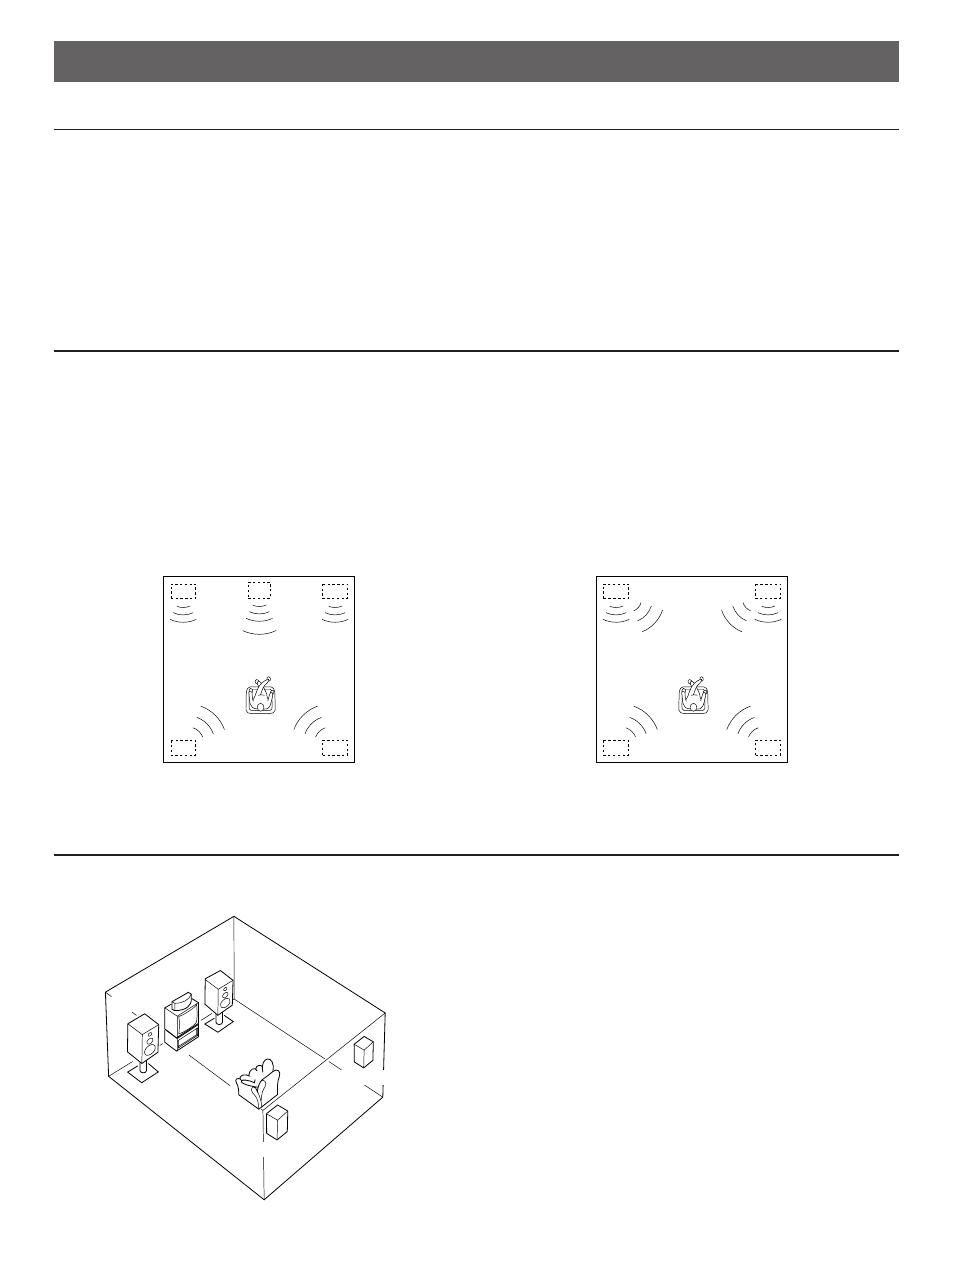 Speaker setup, Speakers to be used, Speaker configuration